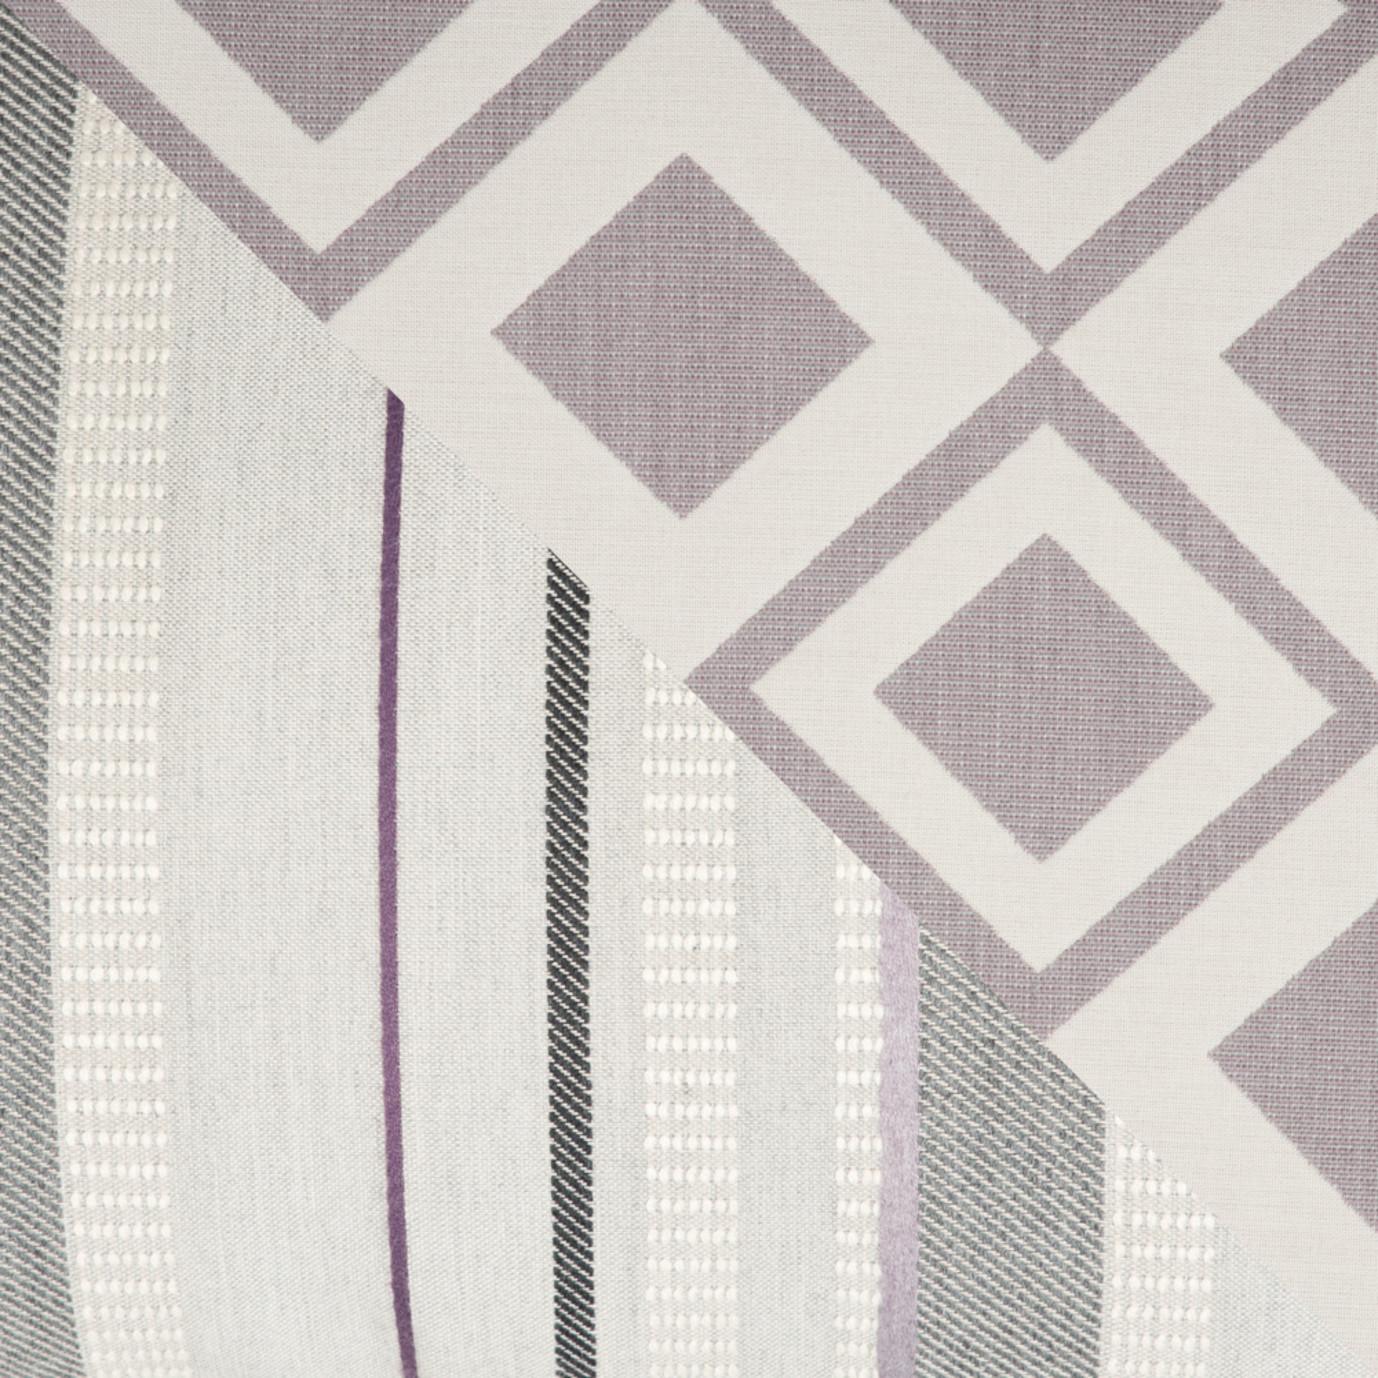 Deco™ Deluxe 5pc Motion Club & Ottoman Set - Wisteria Lavender